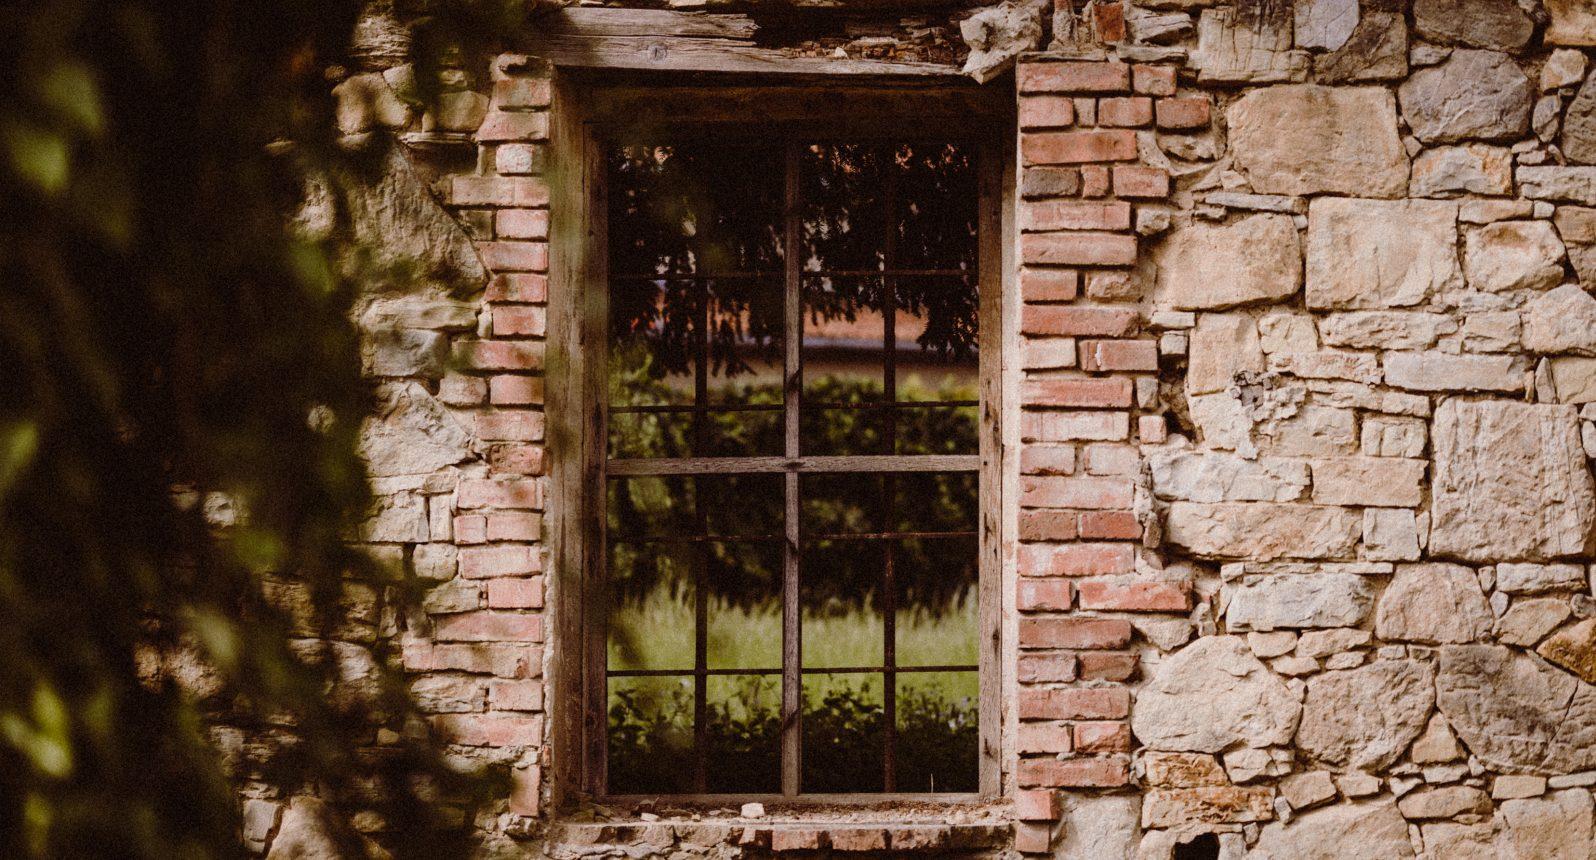 Altes Fenster in einer Ruine der Ballenstedter Altstadt